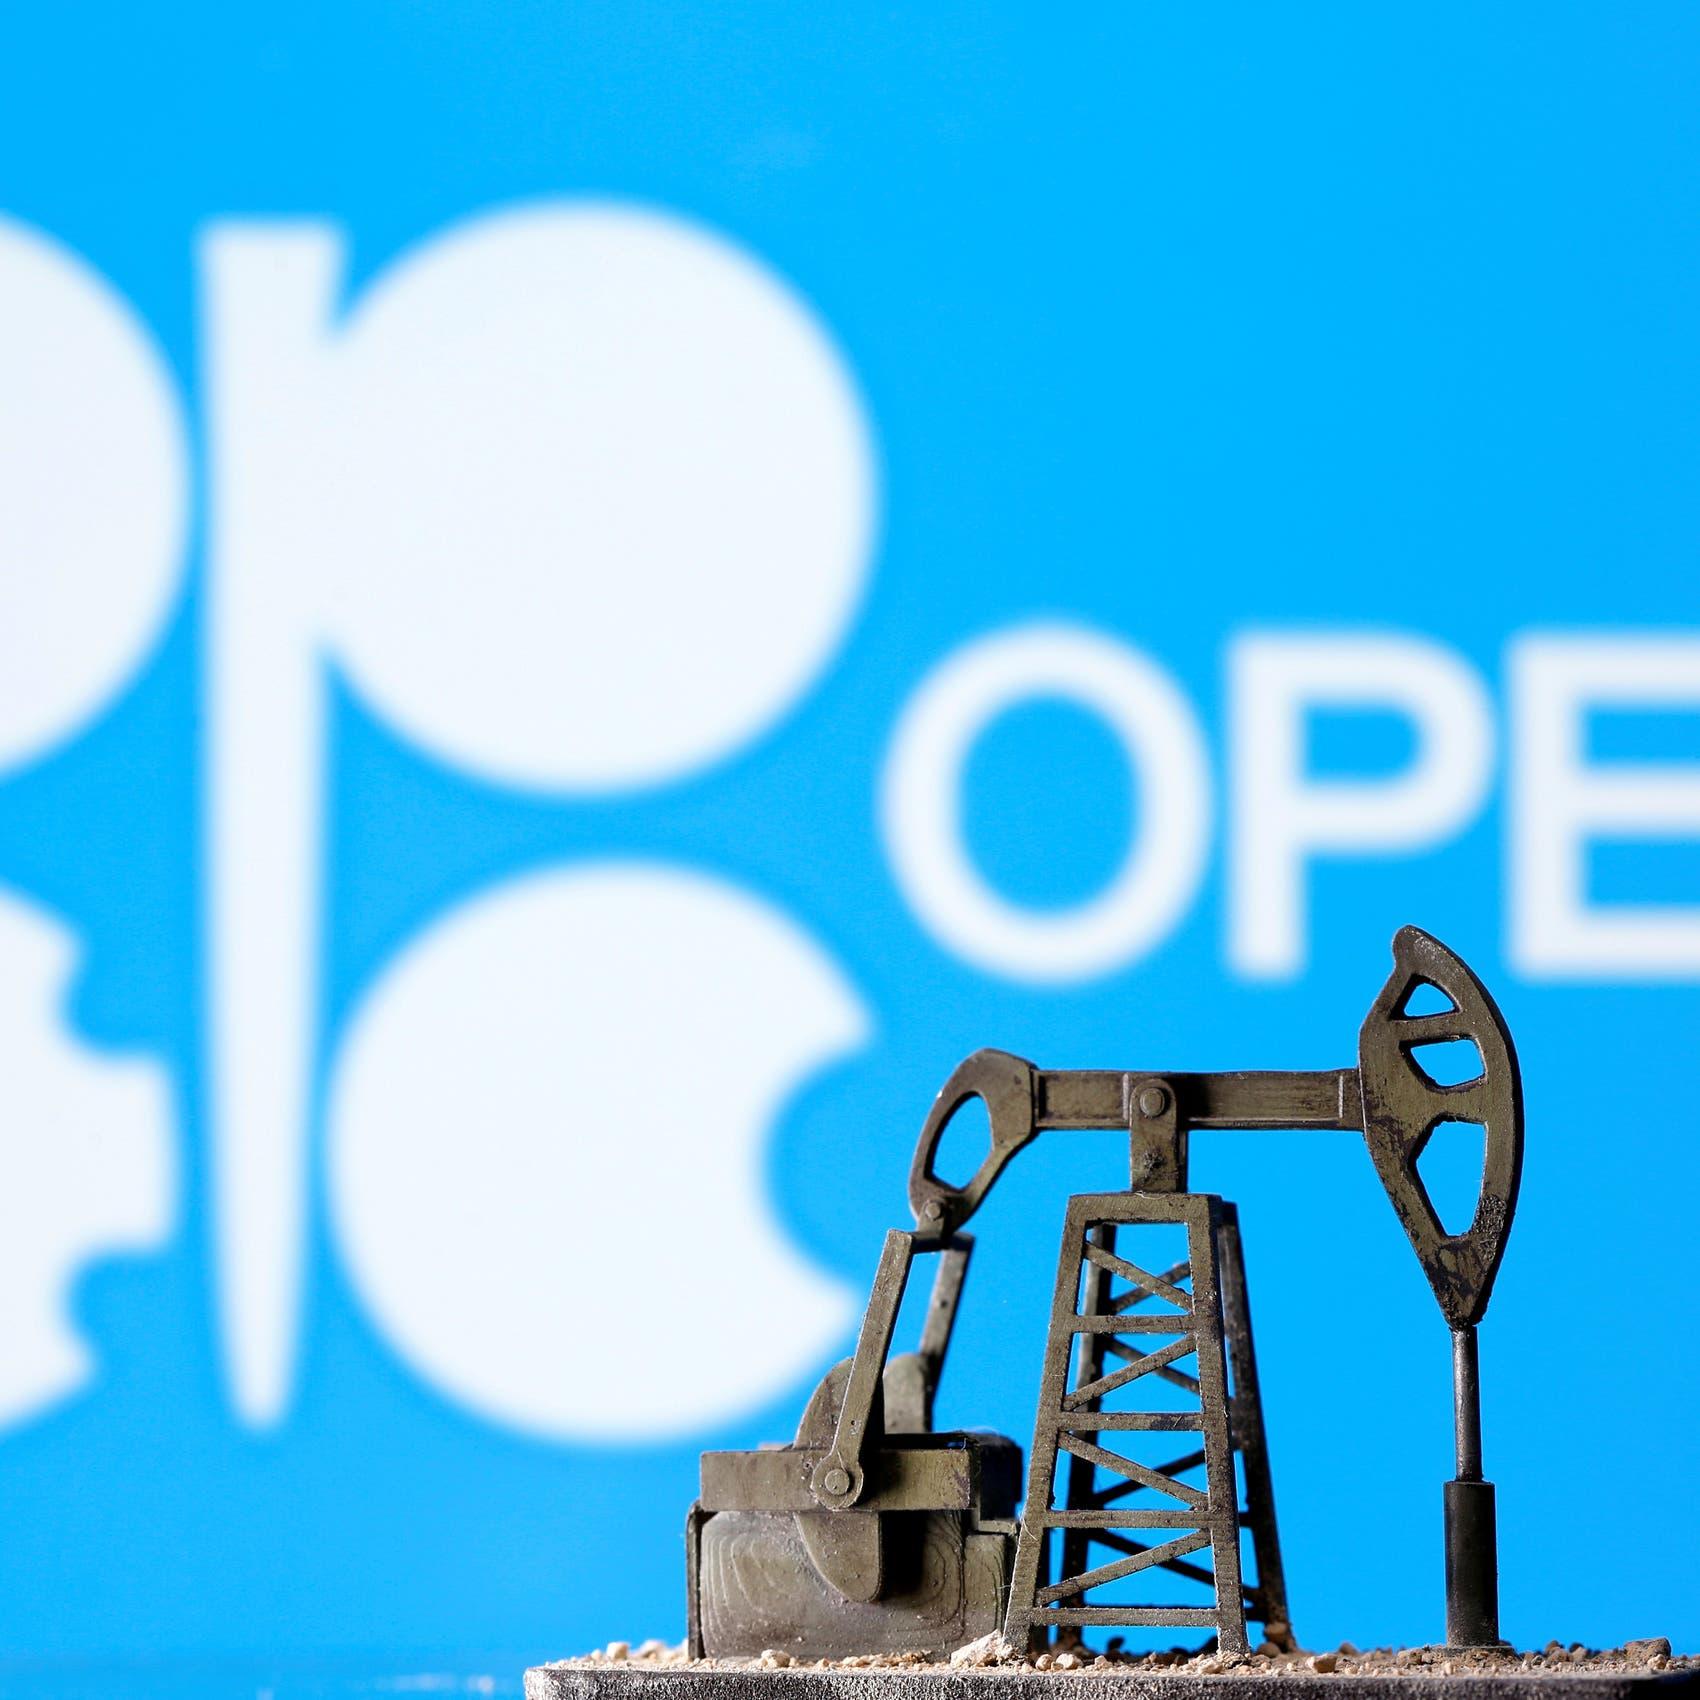 رويترز: أوبك+ لا ترى حاجة لضخ مزيد من النفط في الأسواق